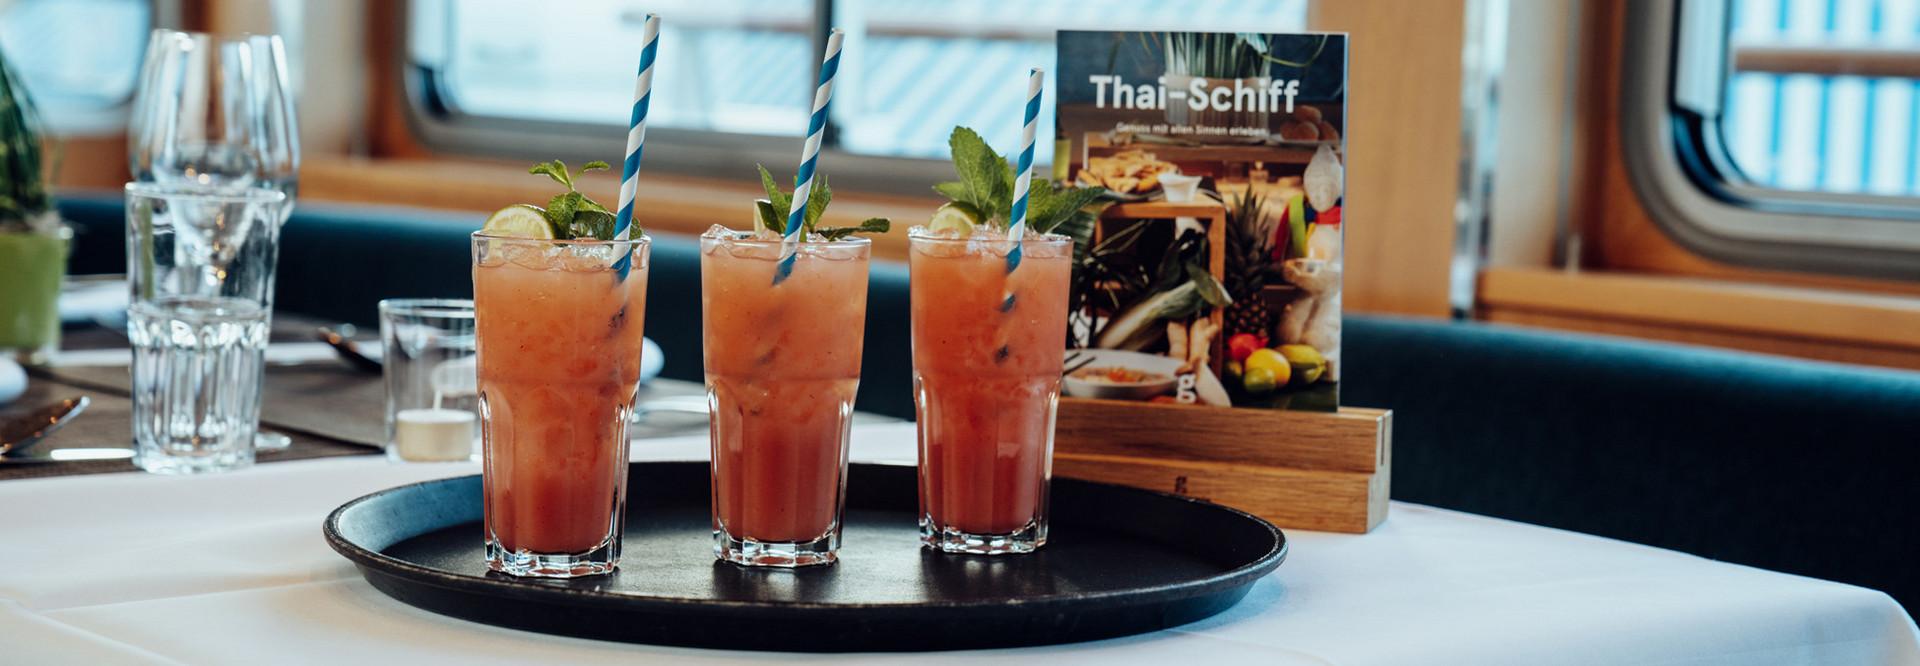 Drei Cocktails stehen auf einem Tisch auf dem Thai-Schiff.